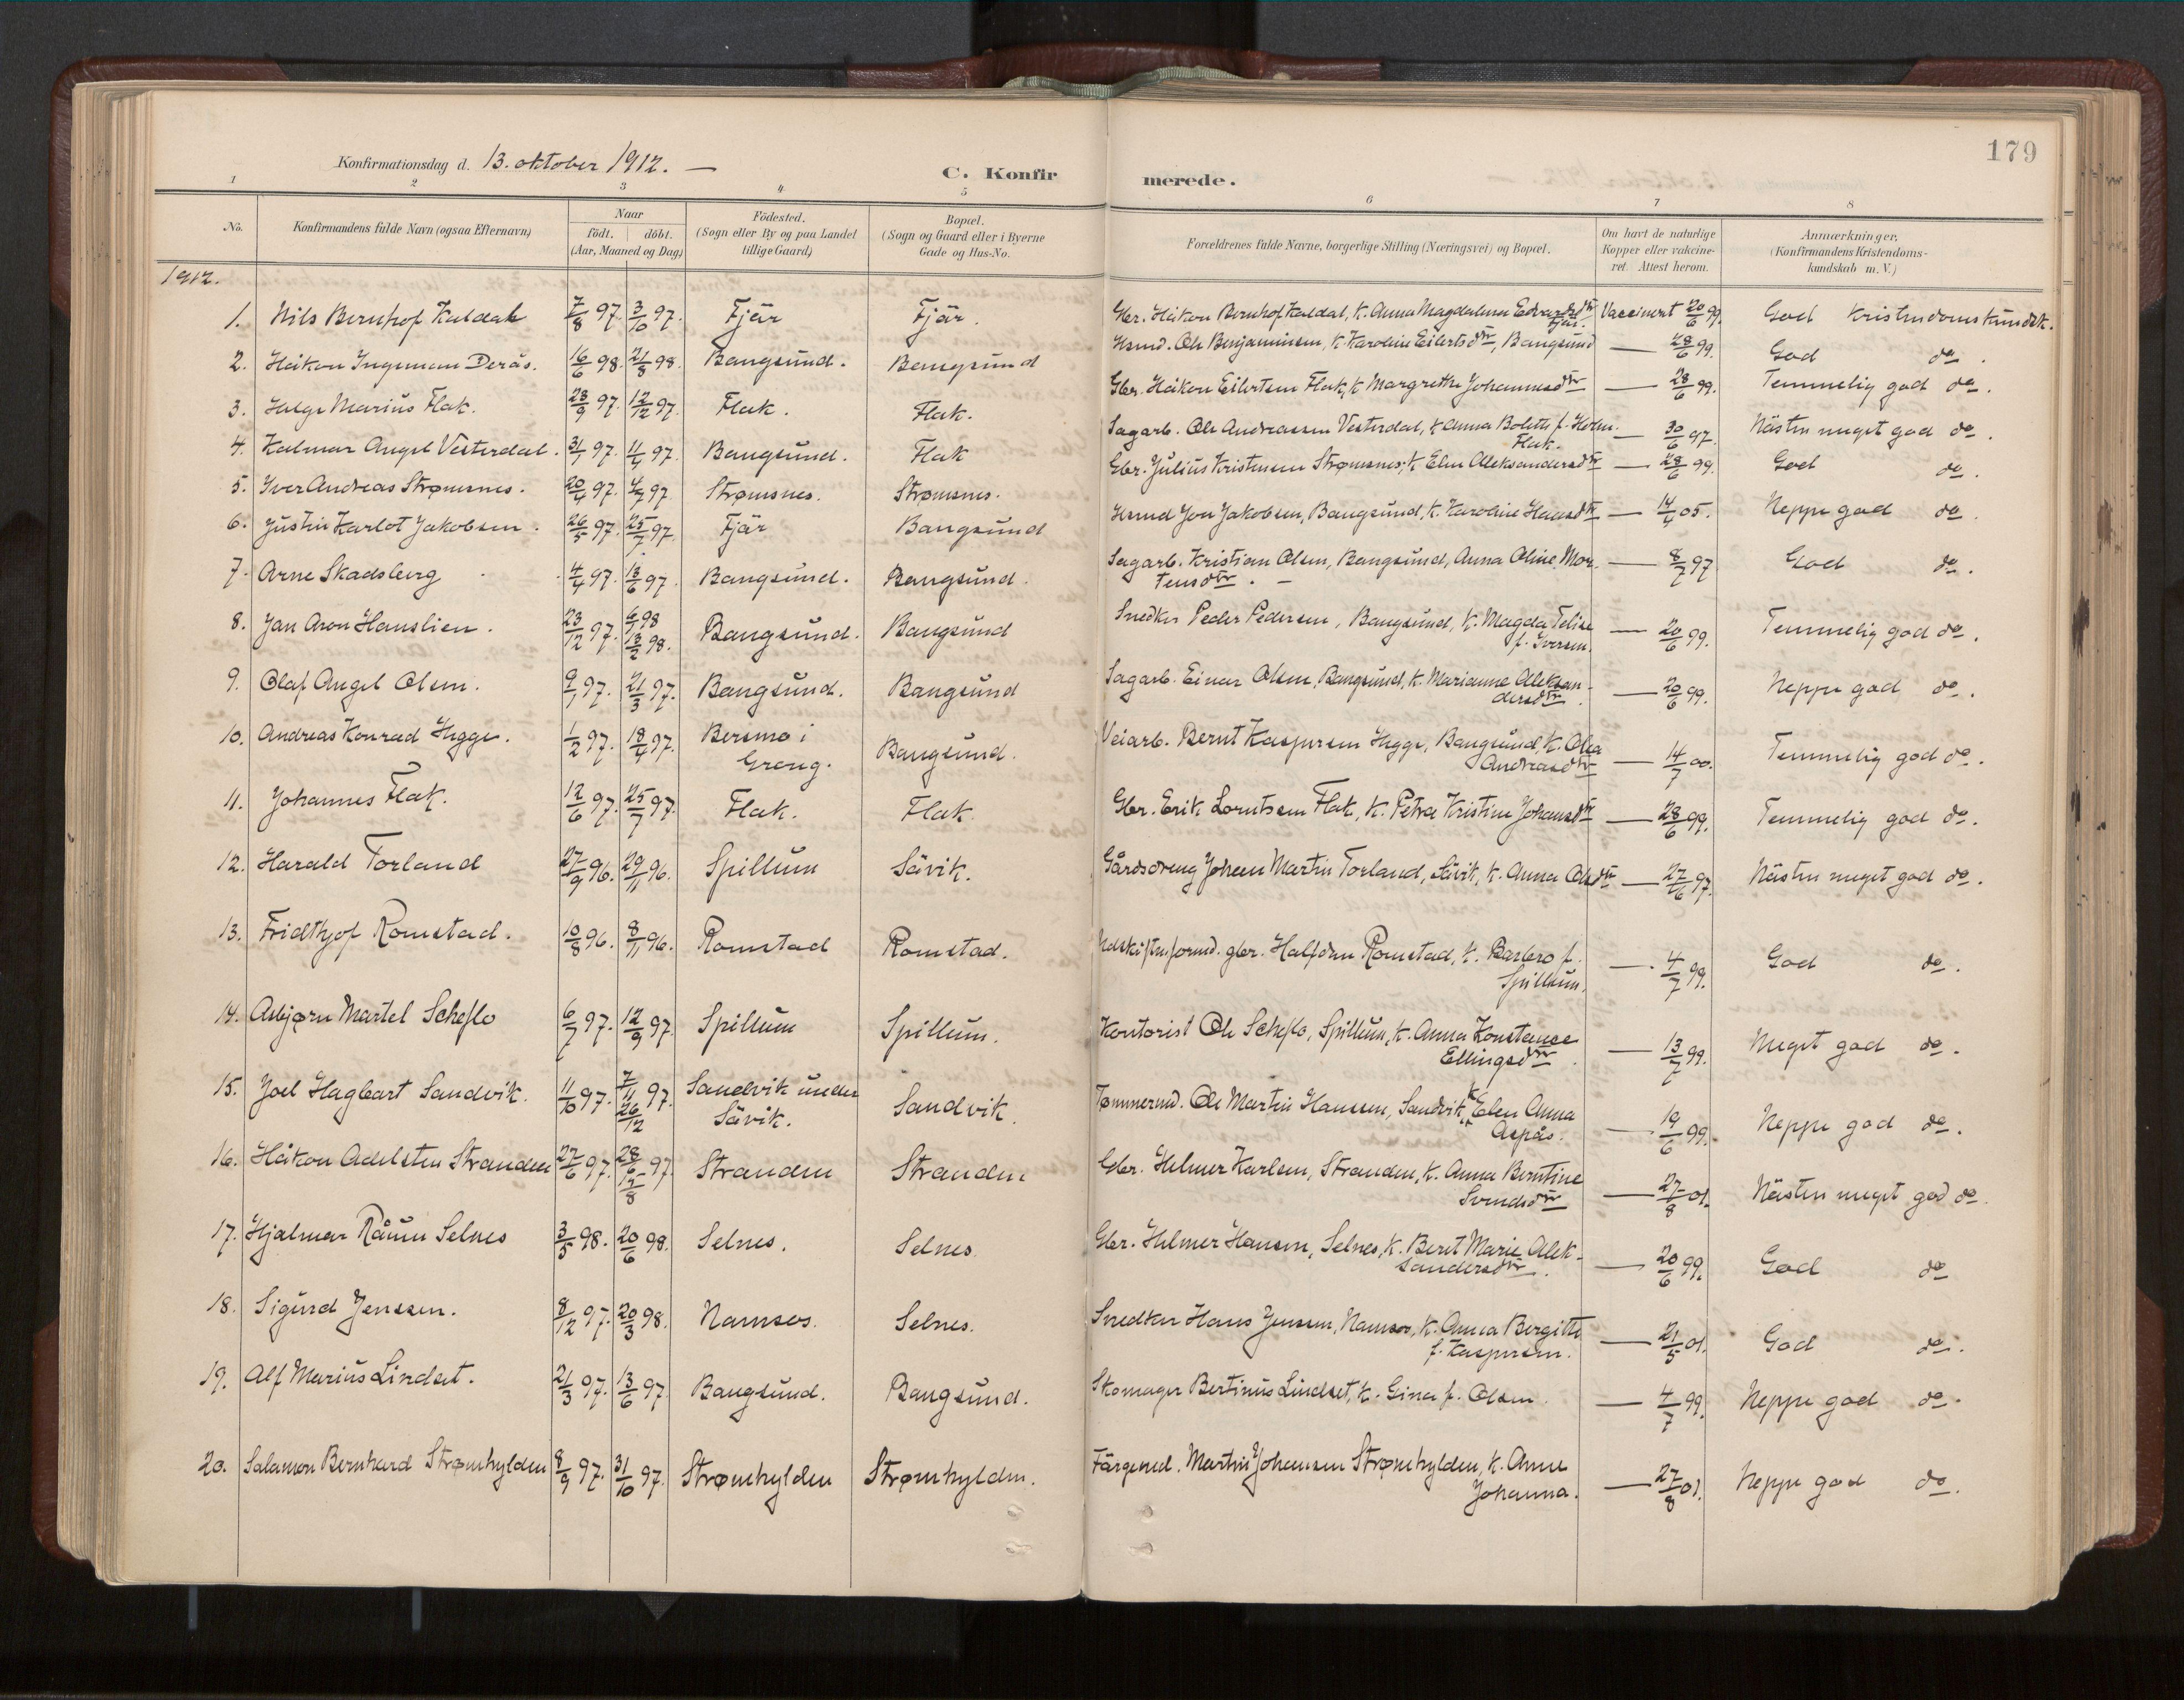 SAT, Ministerialprotokoller, klokkerbøker og fødselsregistre - Nord-Trøndelag, 770/L0589: Ministerialbok nr. 770A03, 1887-1929, s. 179